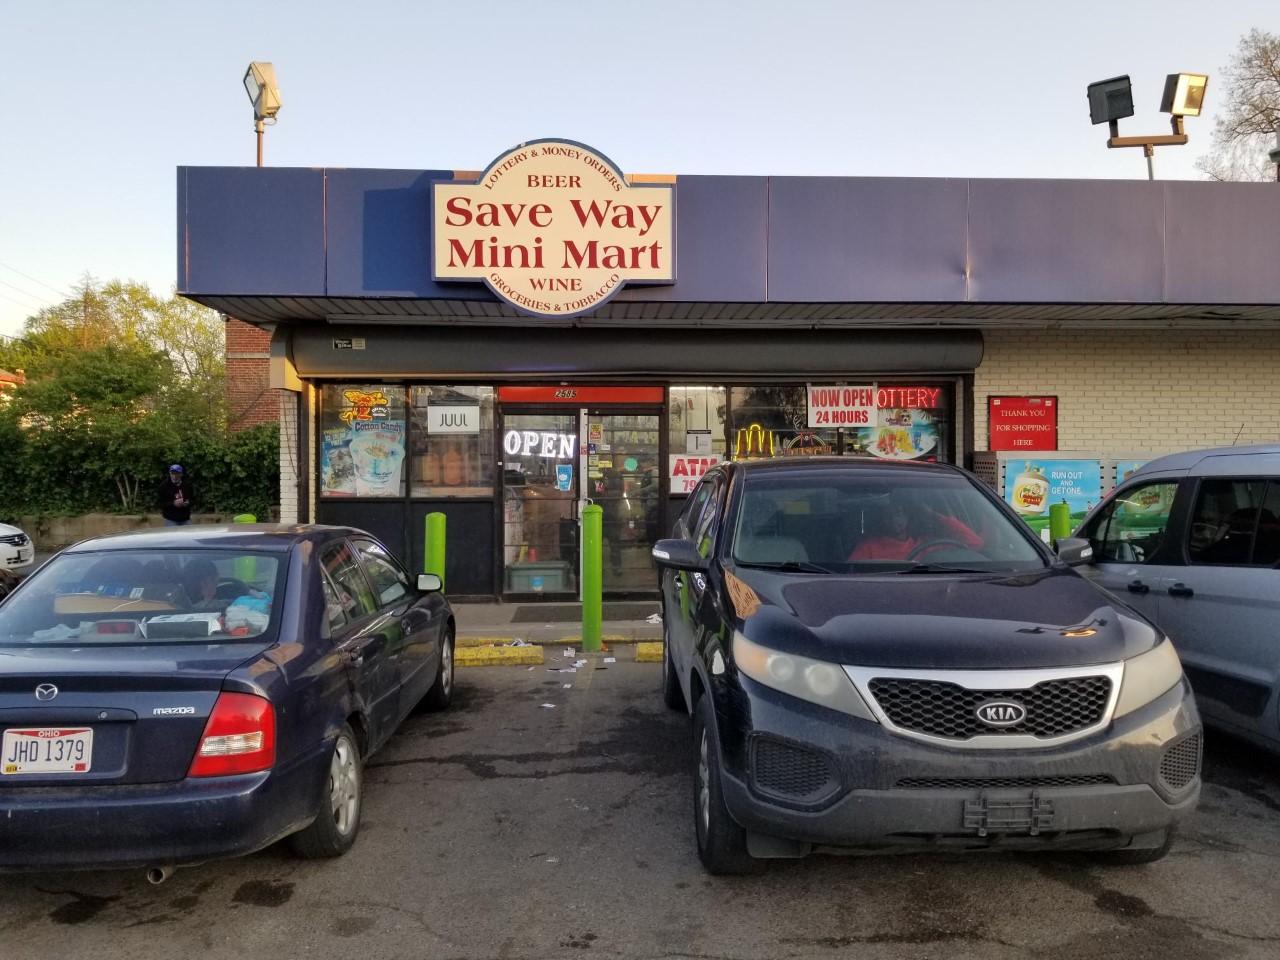 Save Way Mini Mart